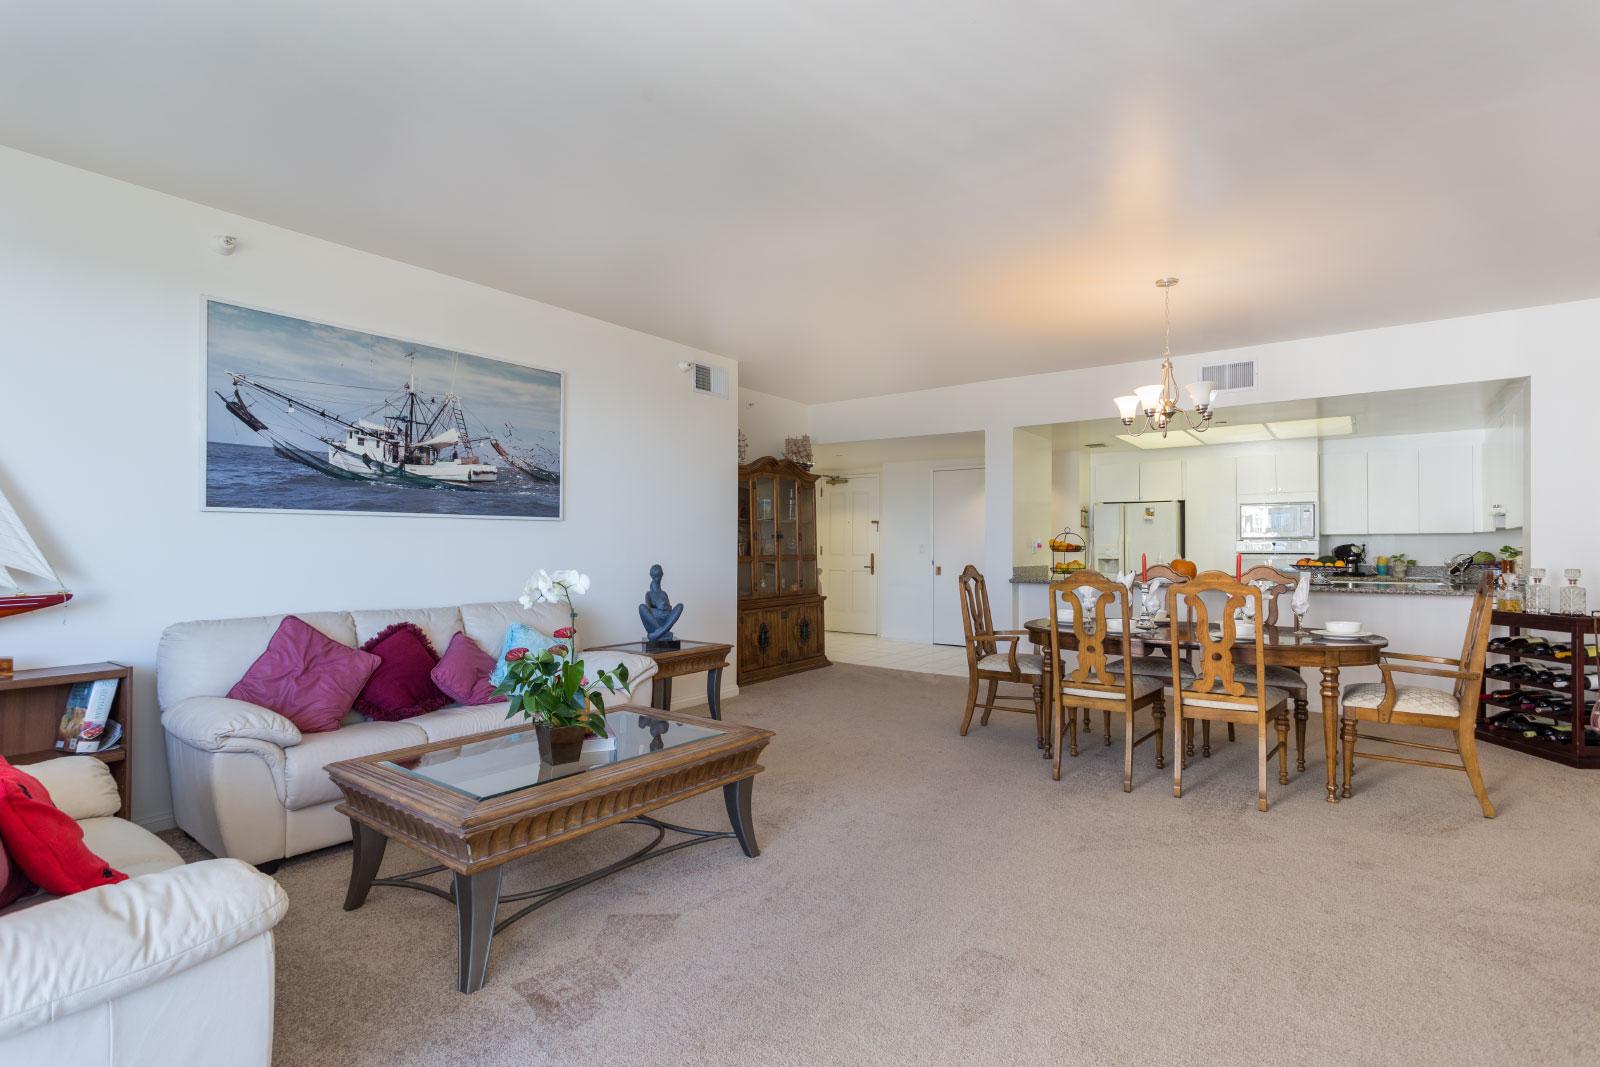 850 E. Ocean Blvd. #1207 LONG BEACH, CA 90802  3 Bed/3 Bath/ 1,788 sq f